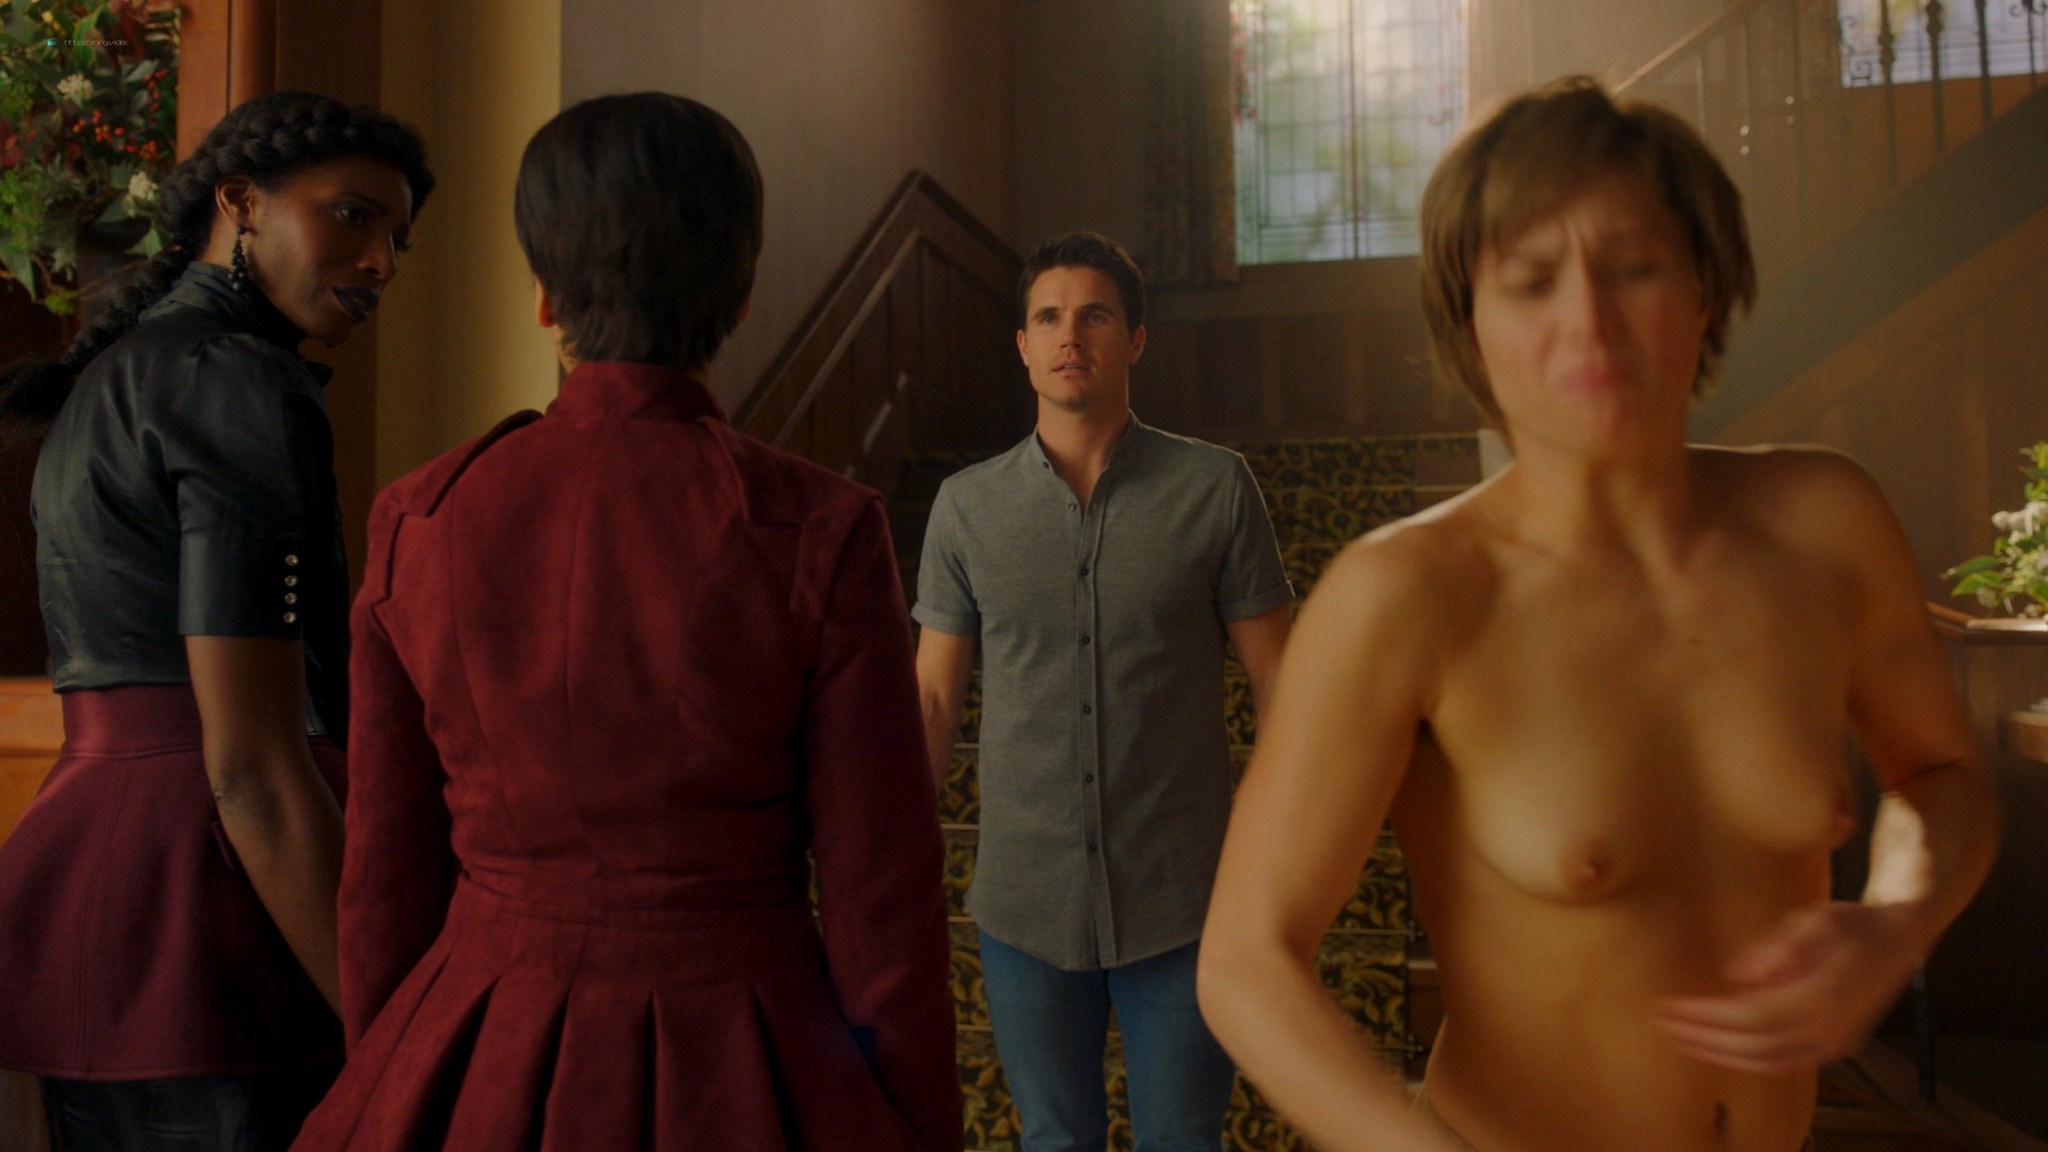 Ko nude christine Actresse Christine